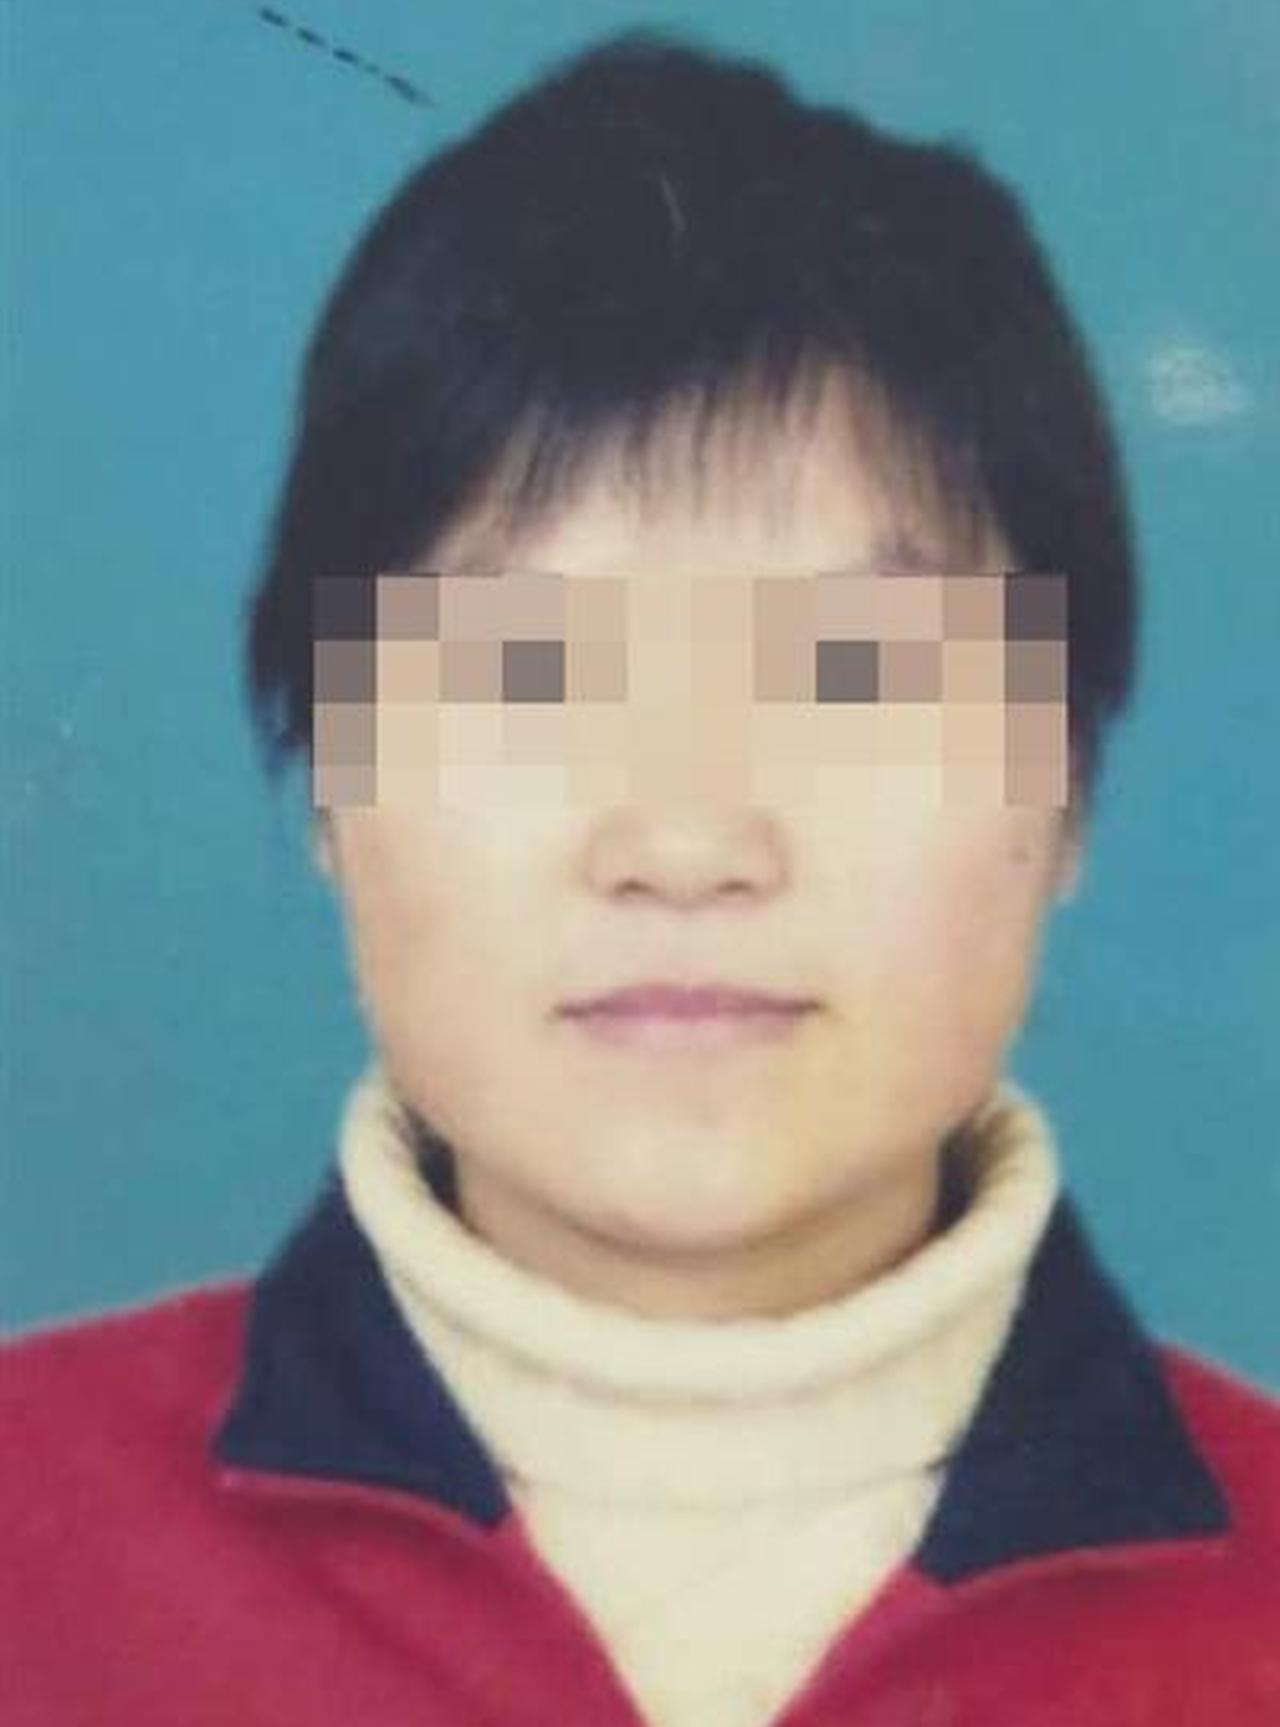 女子身份信息被冒用 因冒用者留下犯罪记录举步维艰